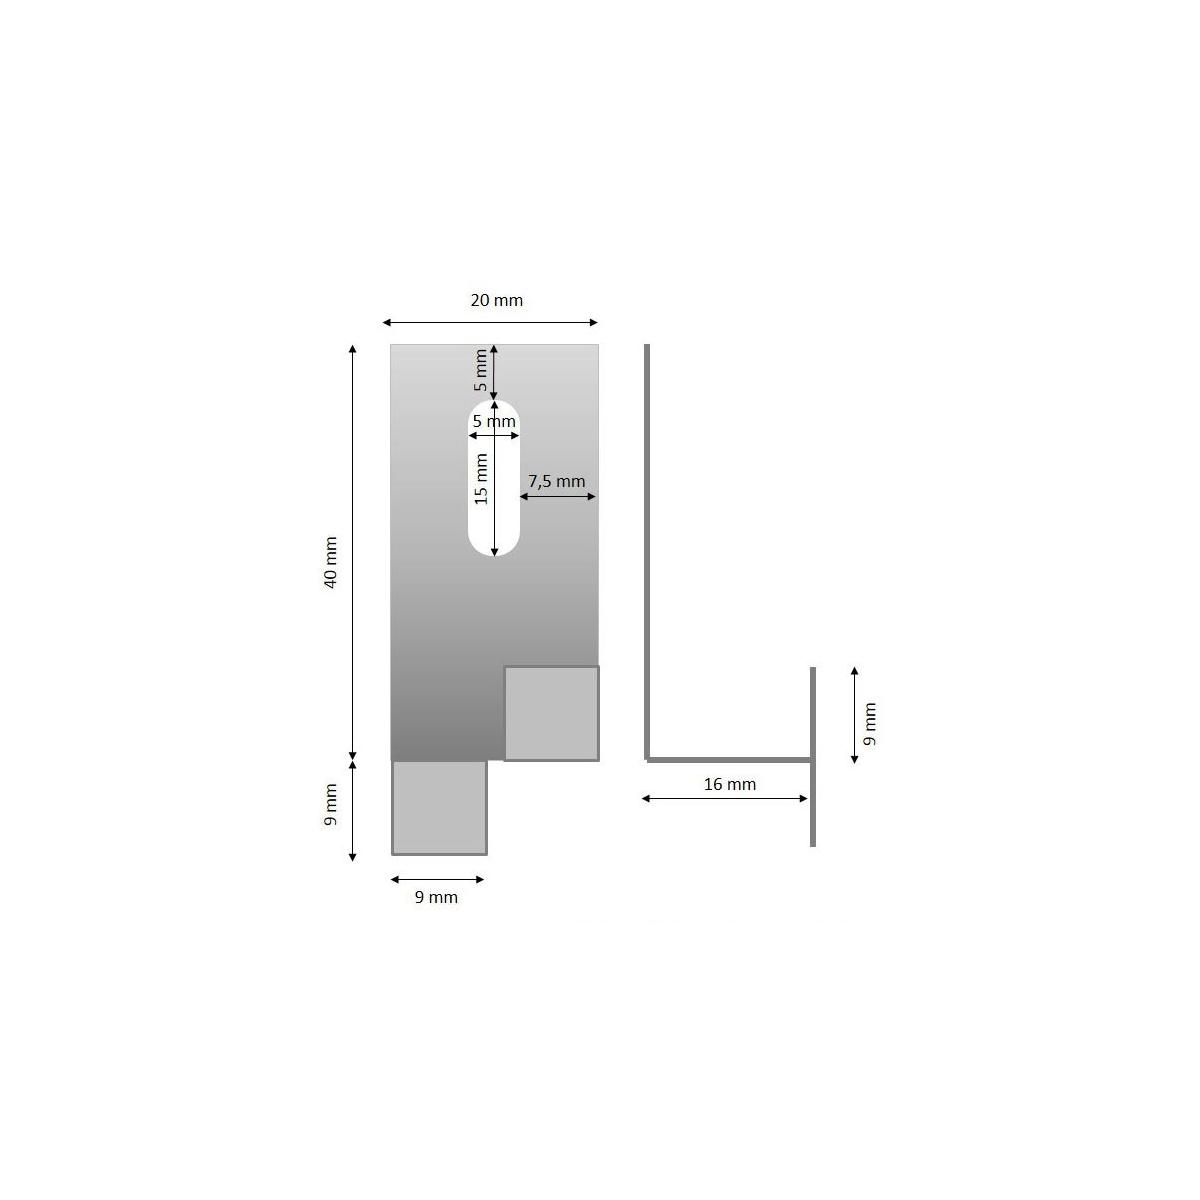 0 Anclaje intermedio 40x16 (visto)